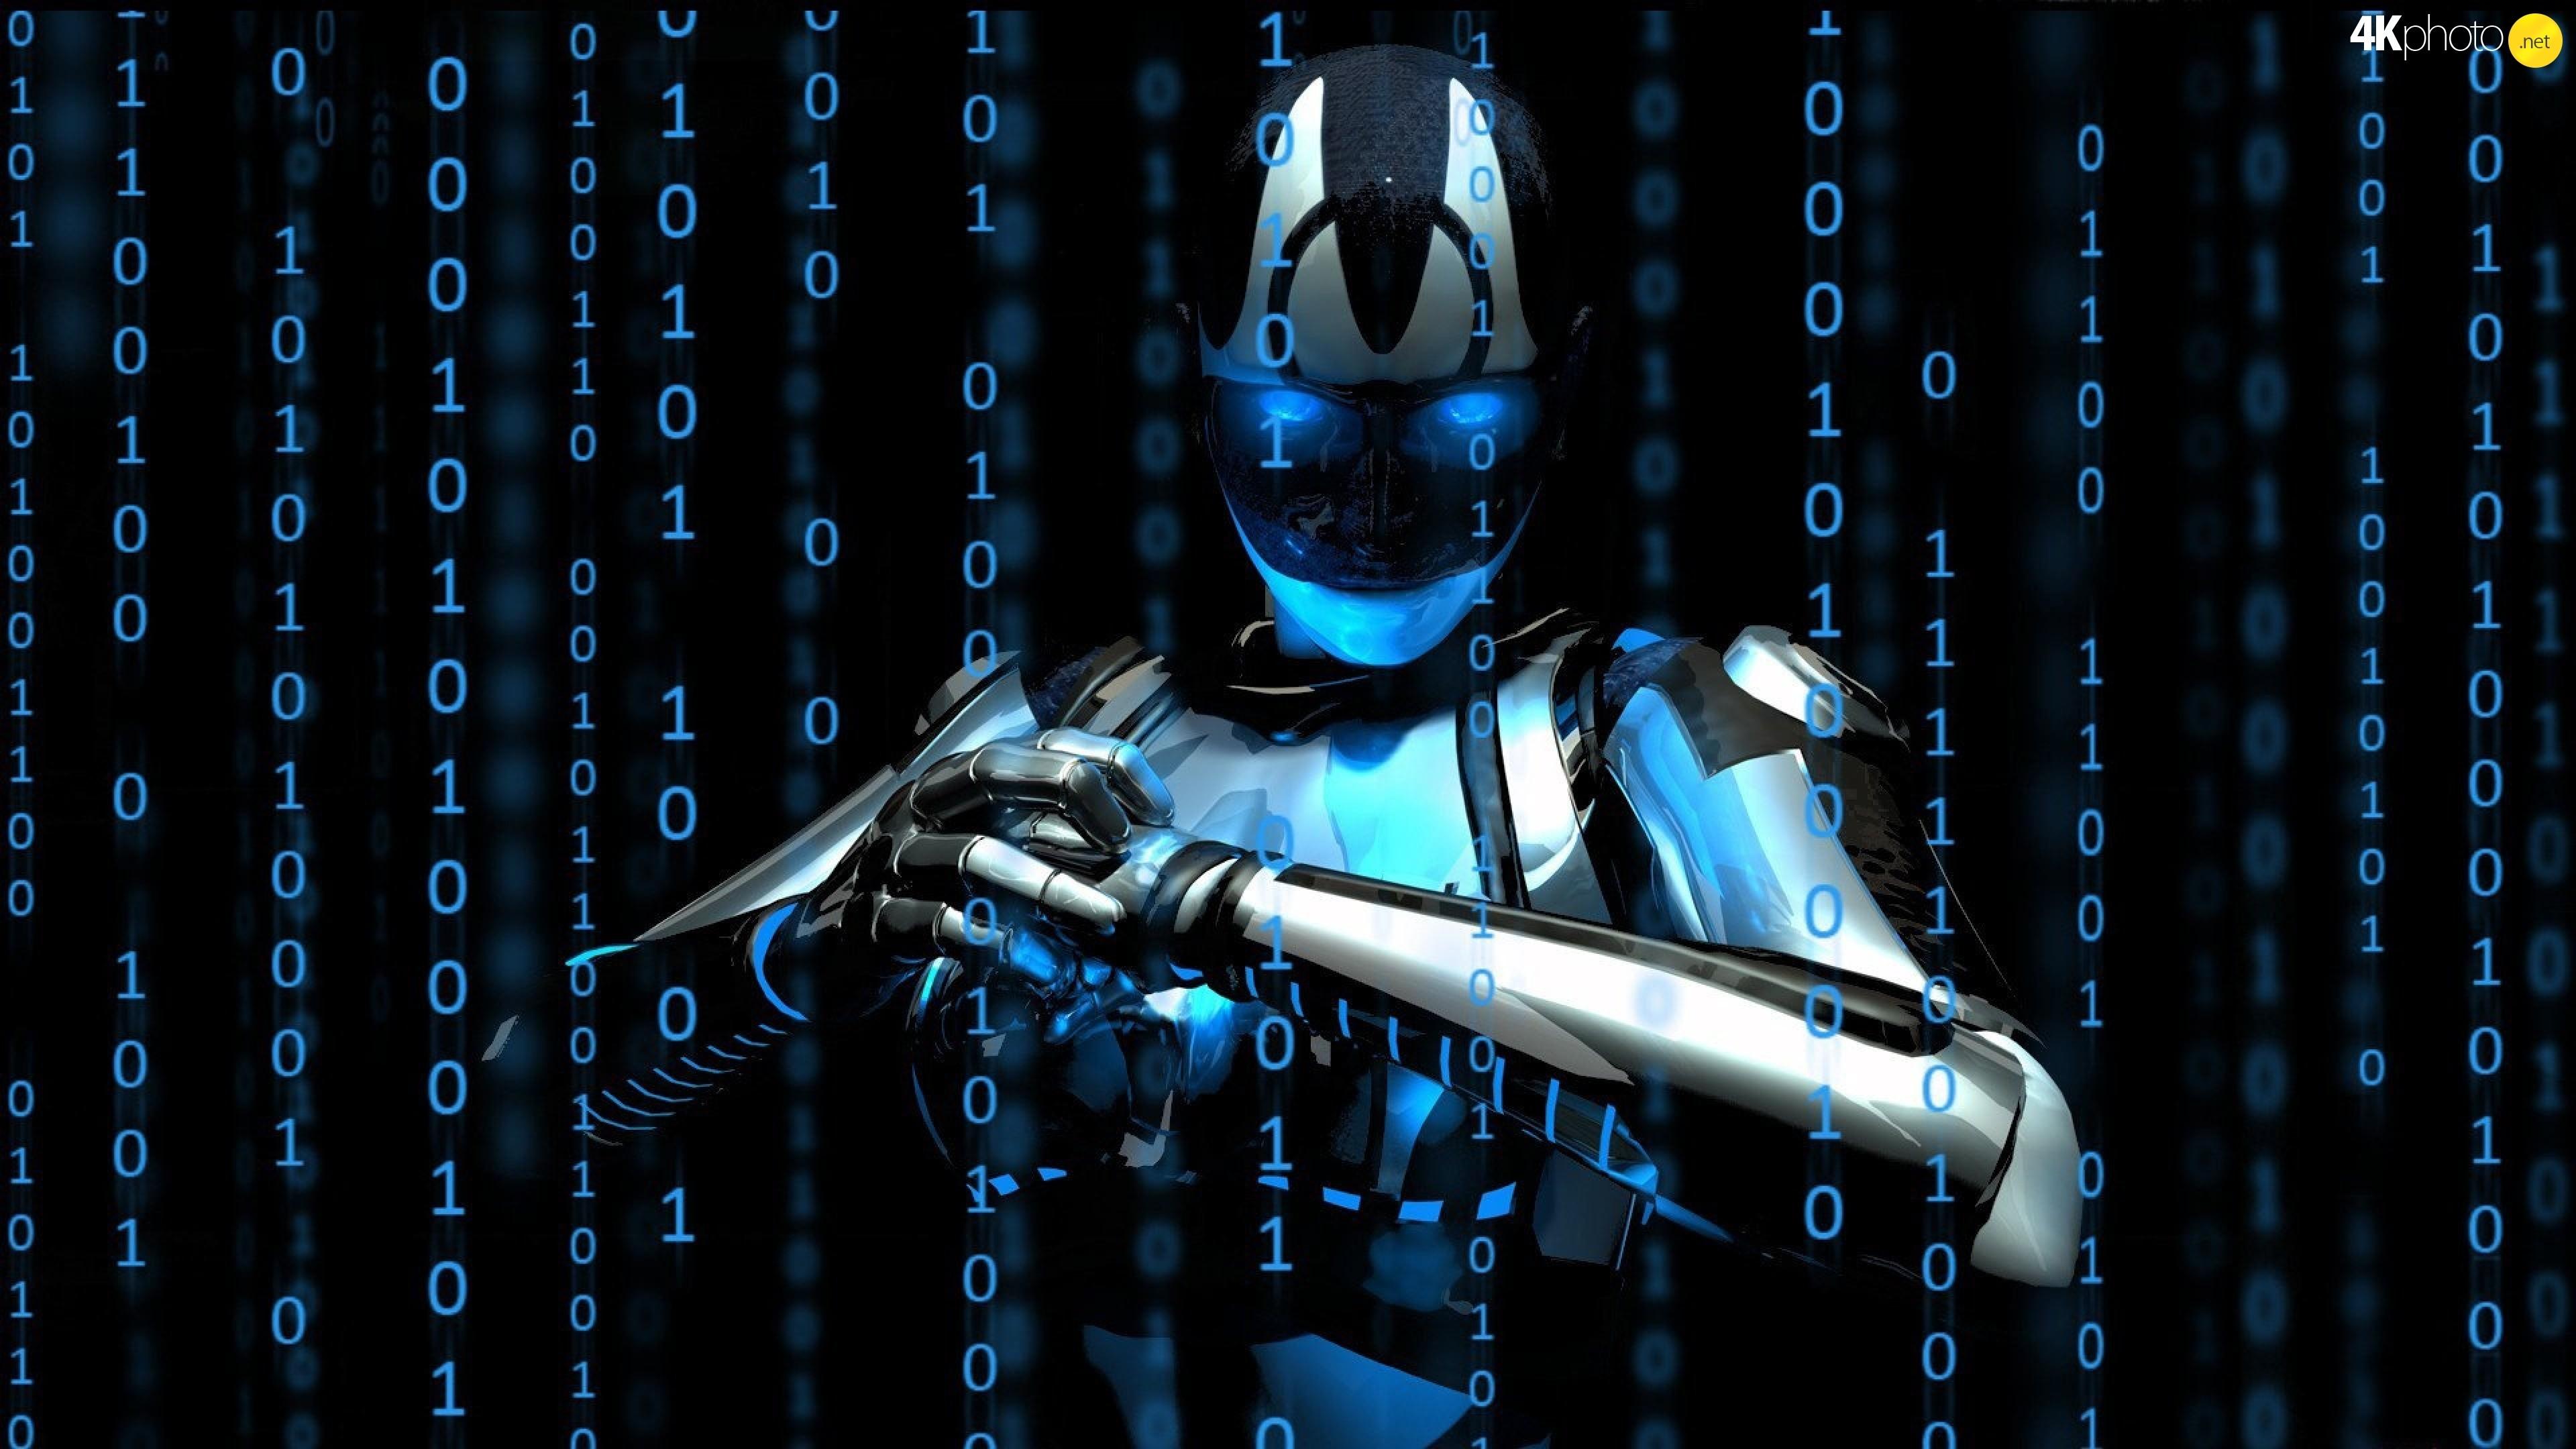 3D, Matrix, Robot, numbers